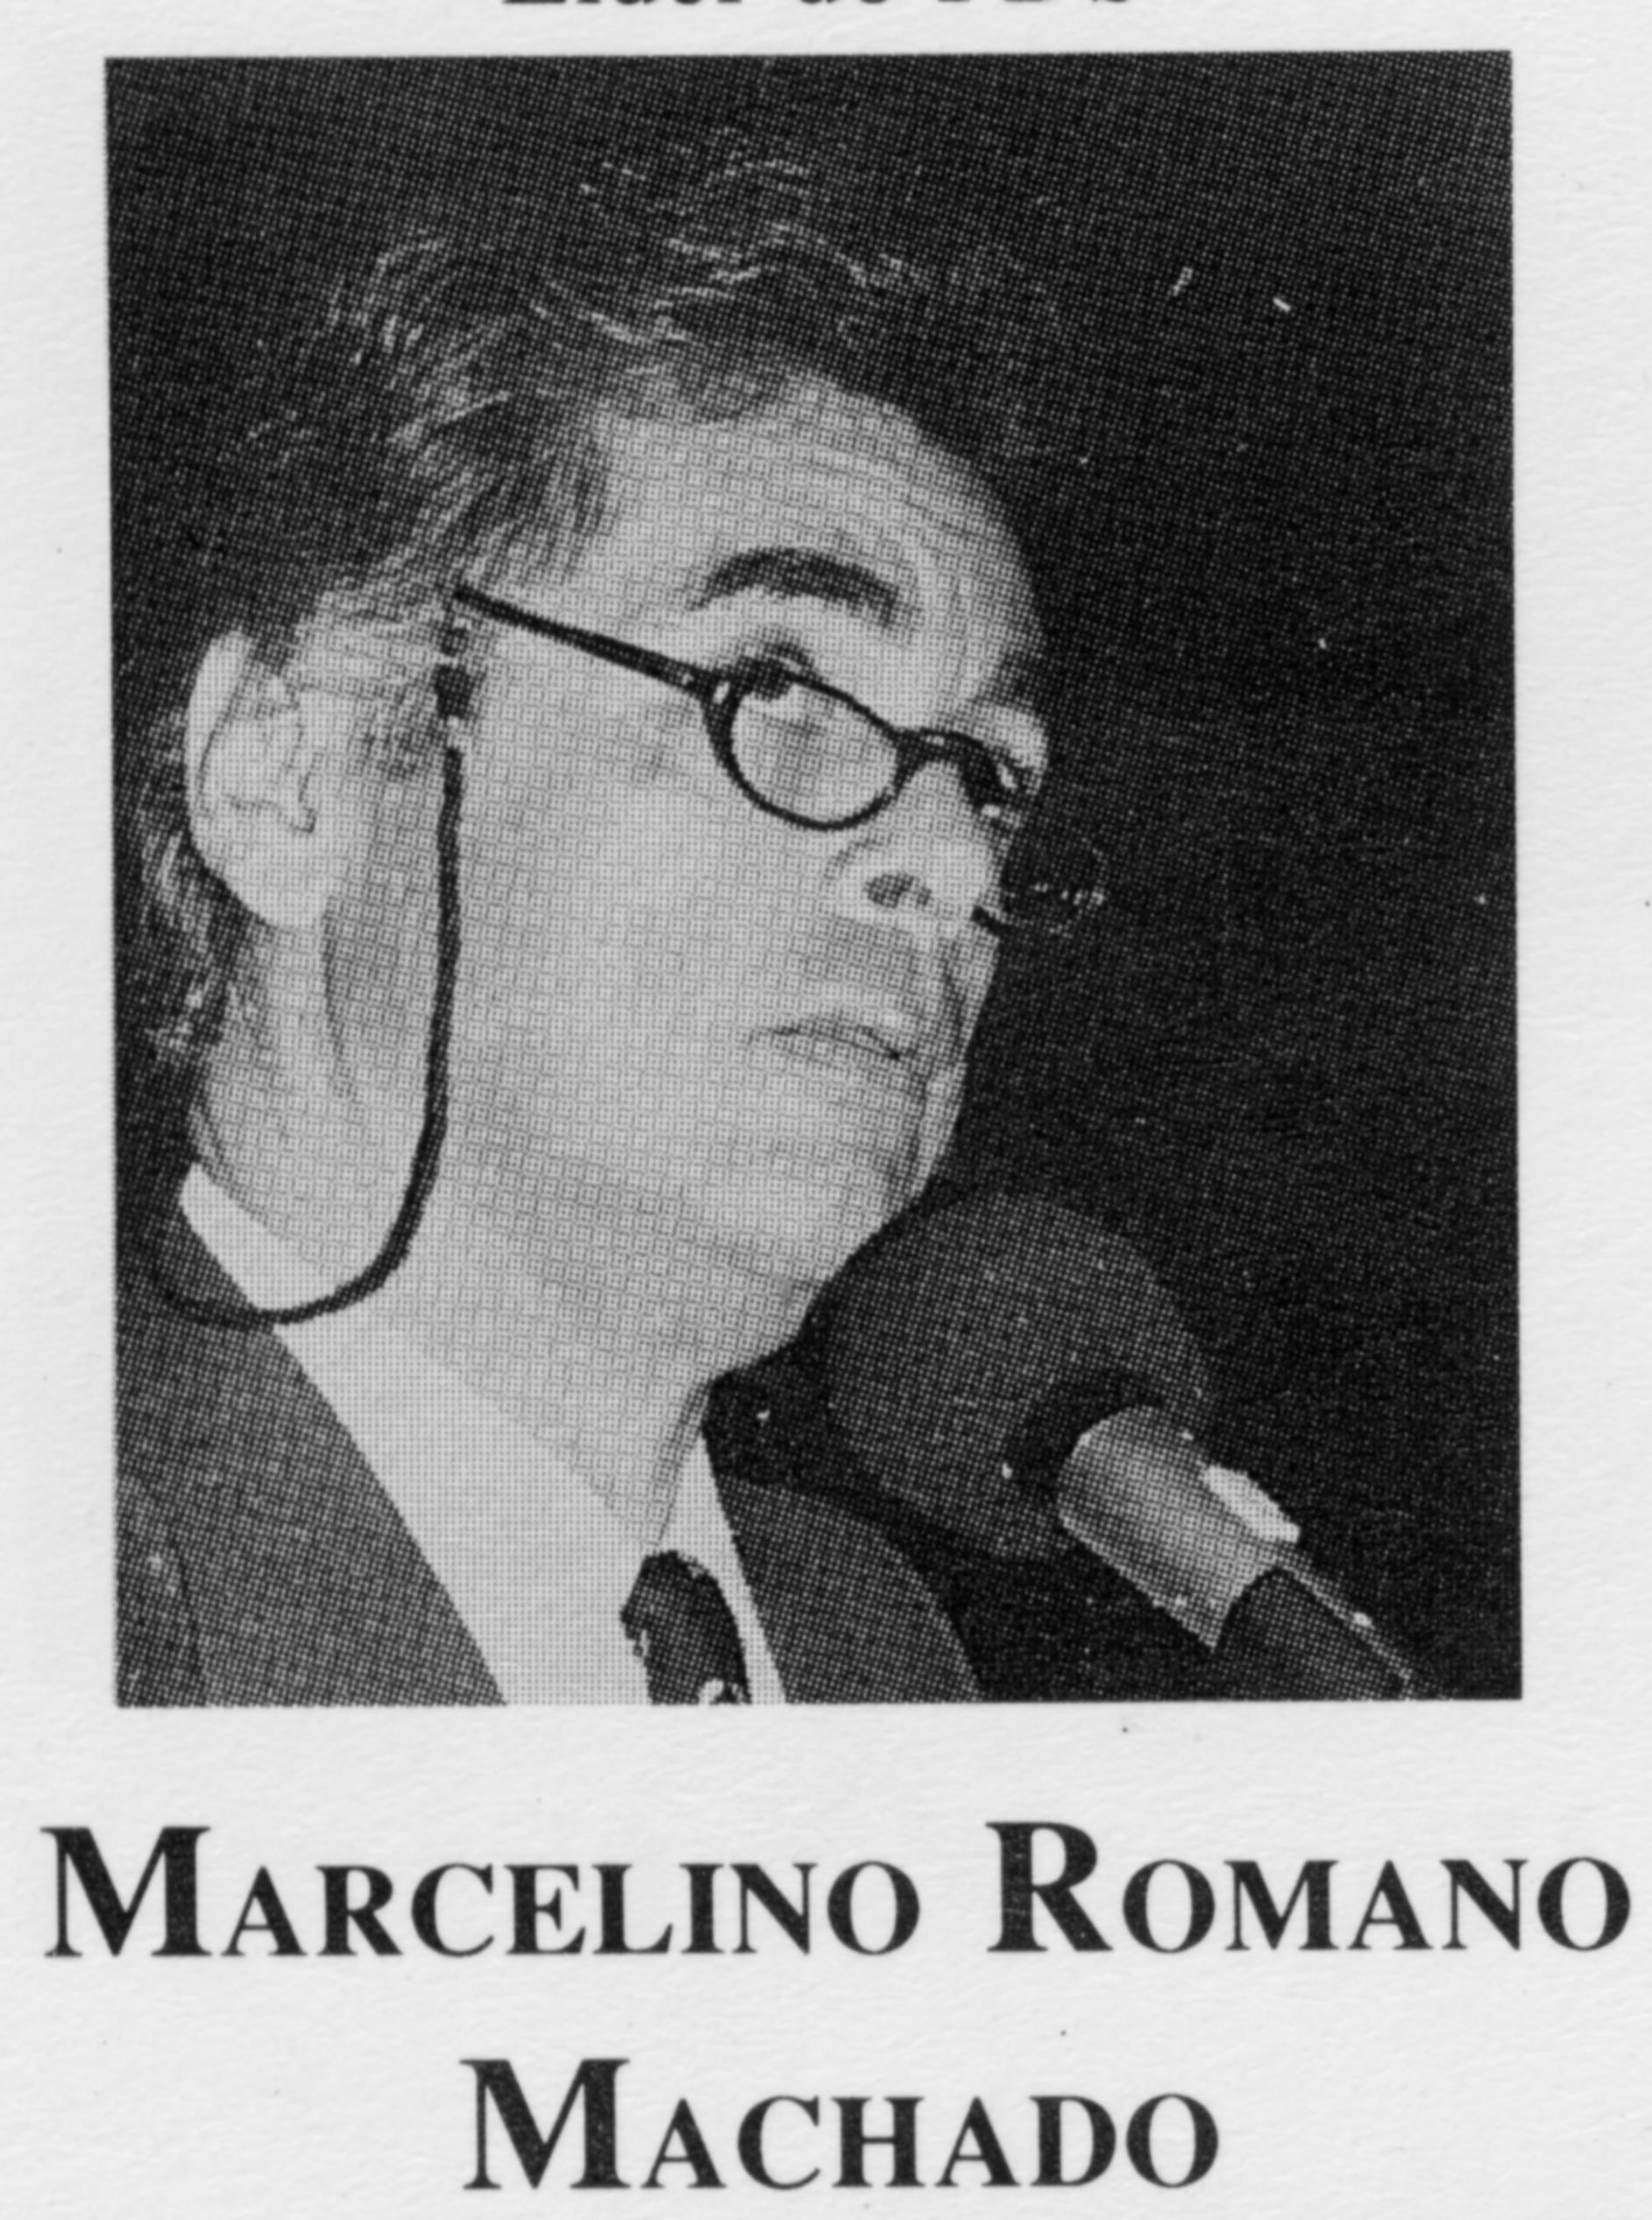 Marcelino Romano Machado